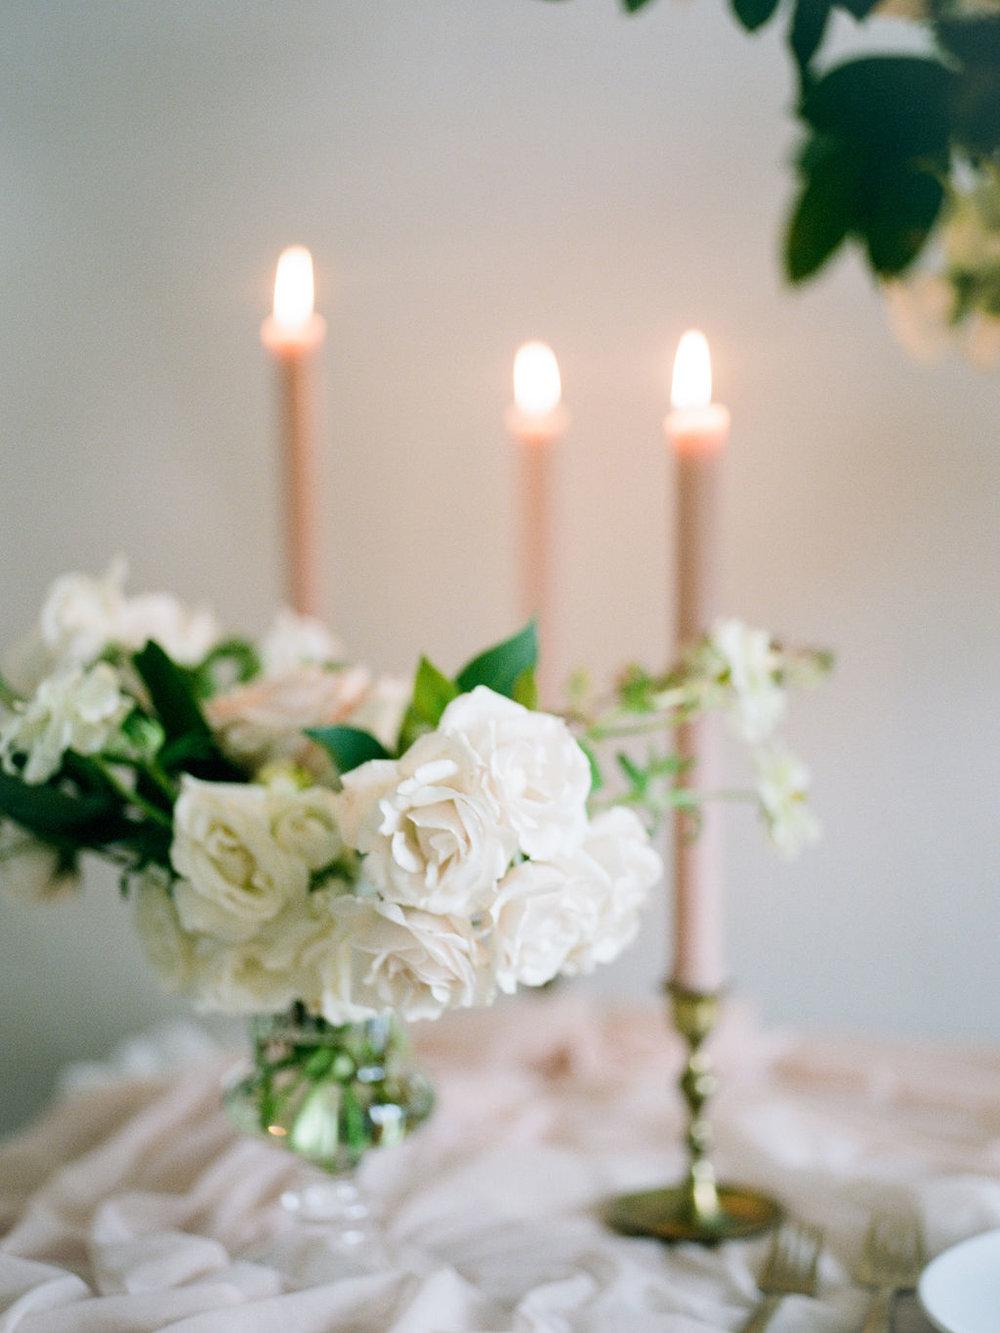 Maxit-Flower-Design-Christine-Gosch-Houston-Wedding-Flower-Taper-Candles.jpg